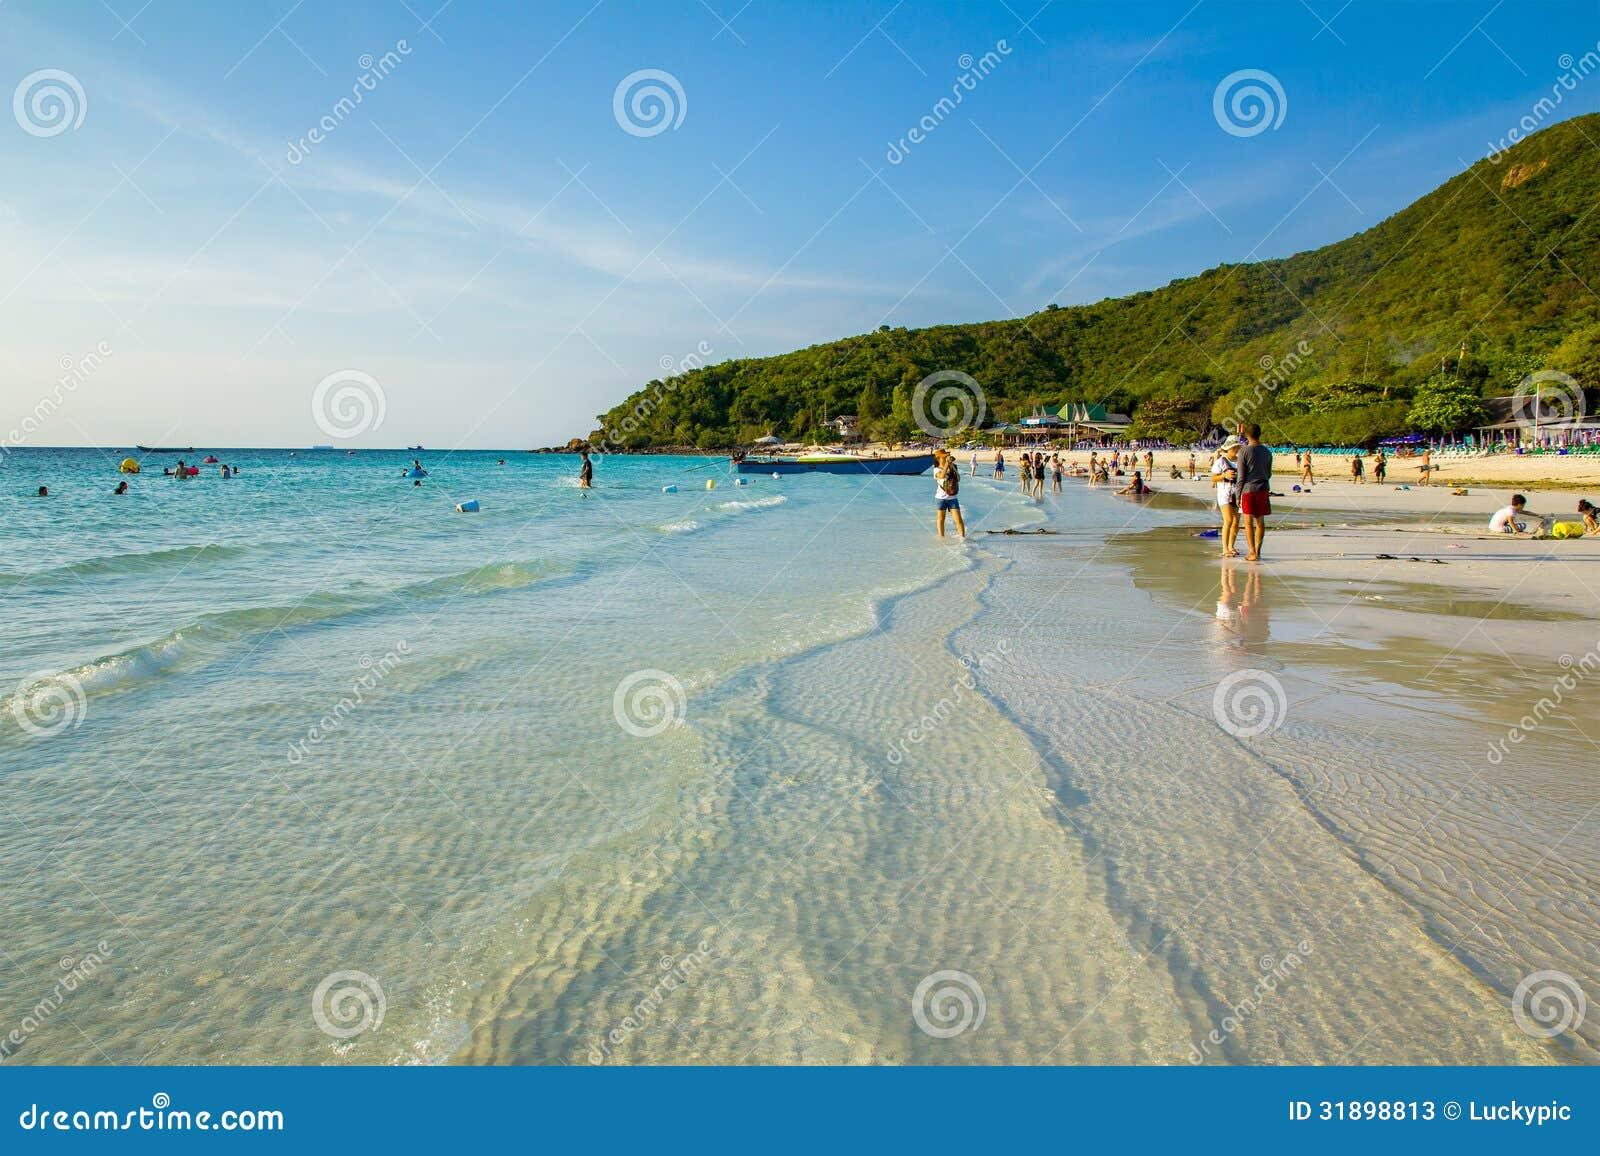 Appréciez les personnes à la plage